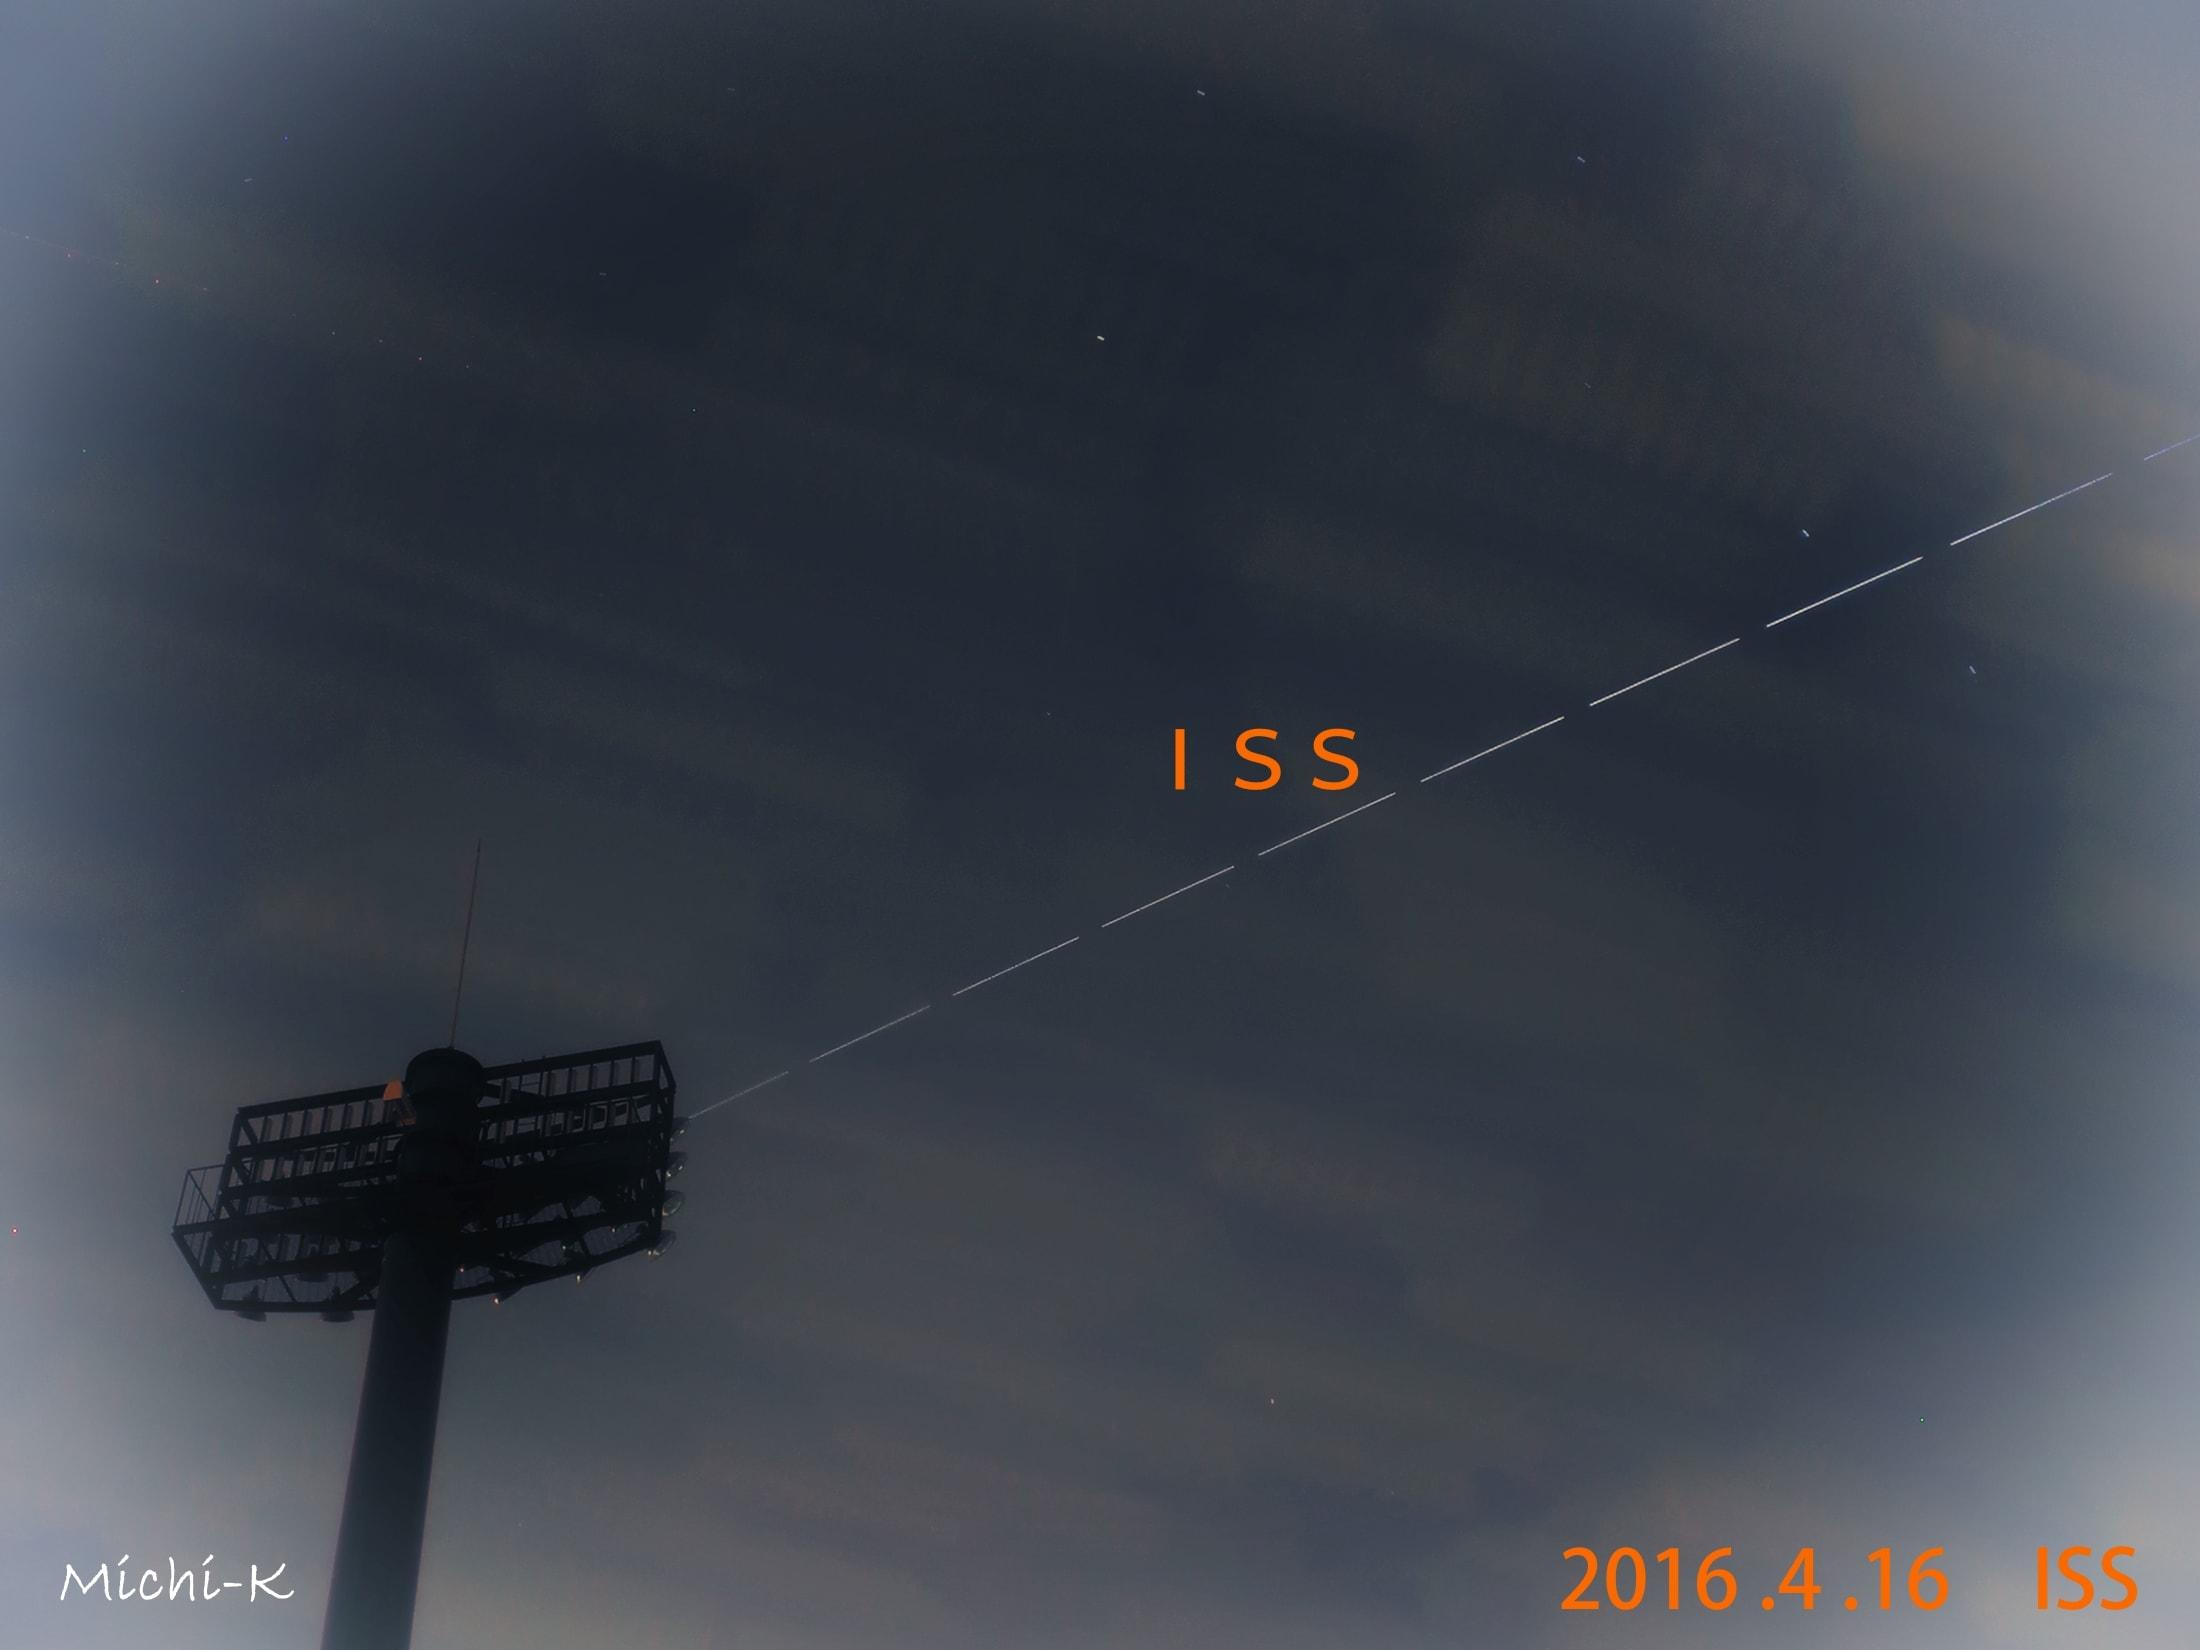 国際宇宙ステーション(ISS)の軌跡 、2016年4月16日